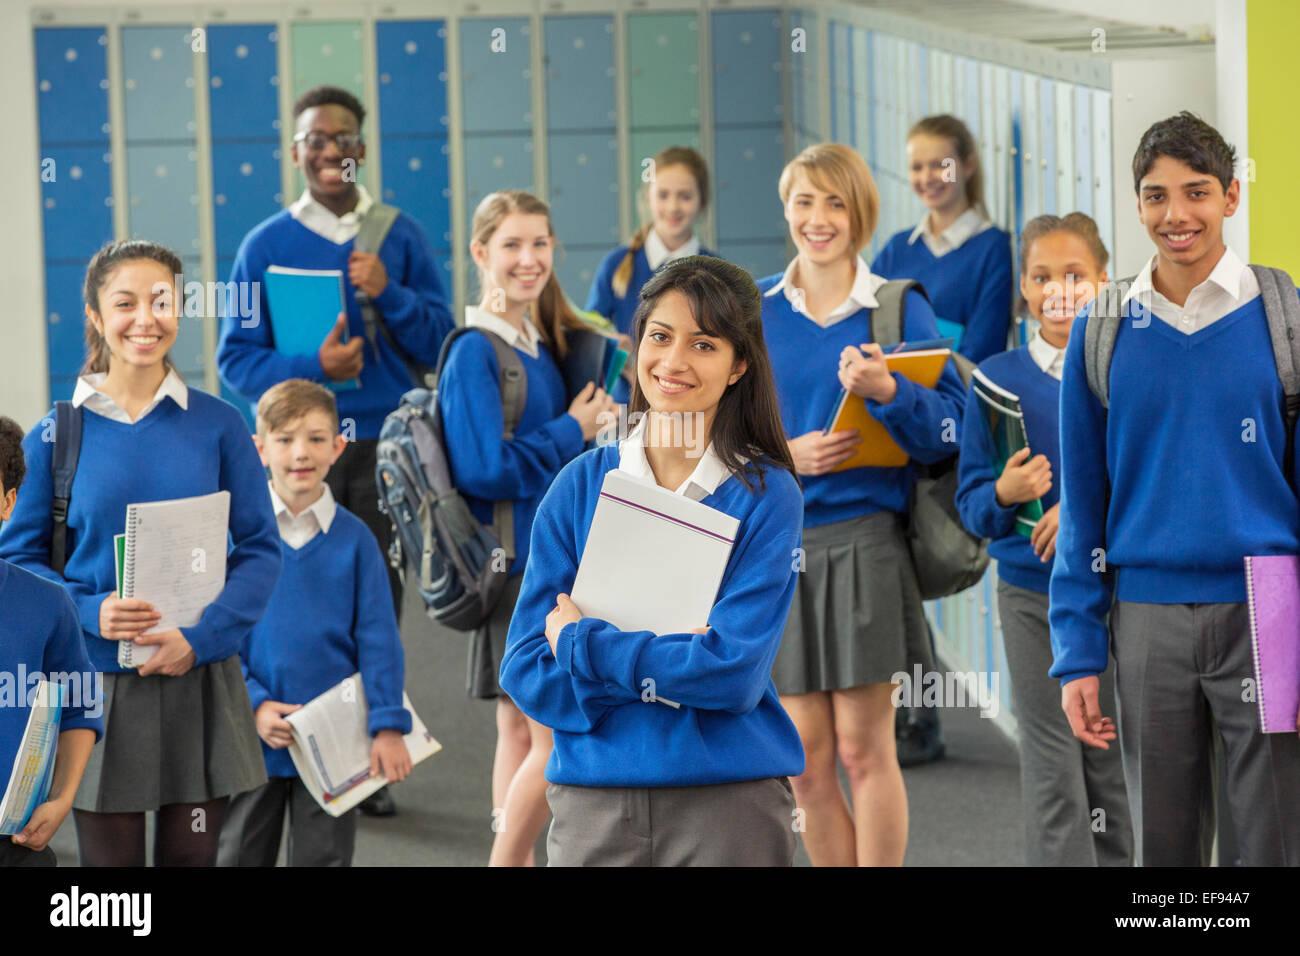 Group portrait of schoolchildren wearing school uniforms standing in corridor and smiling - Stock Image